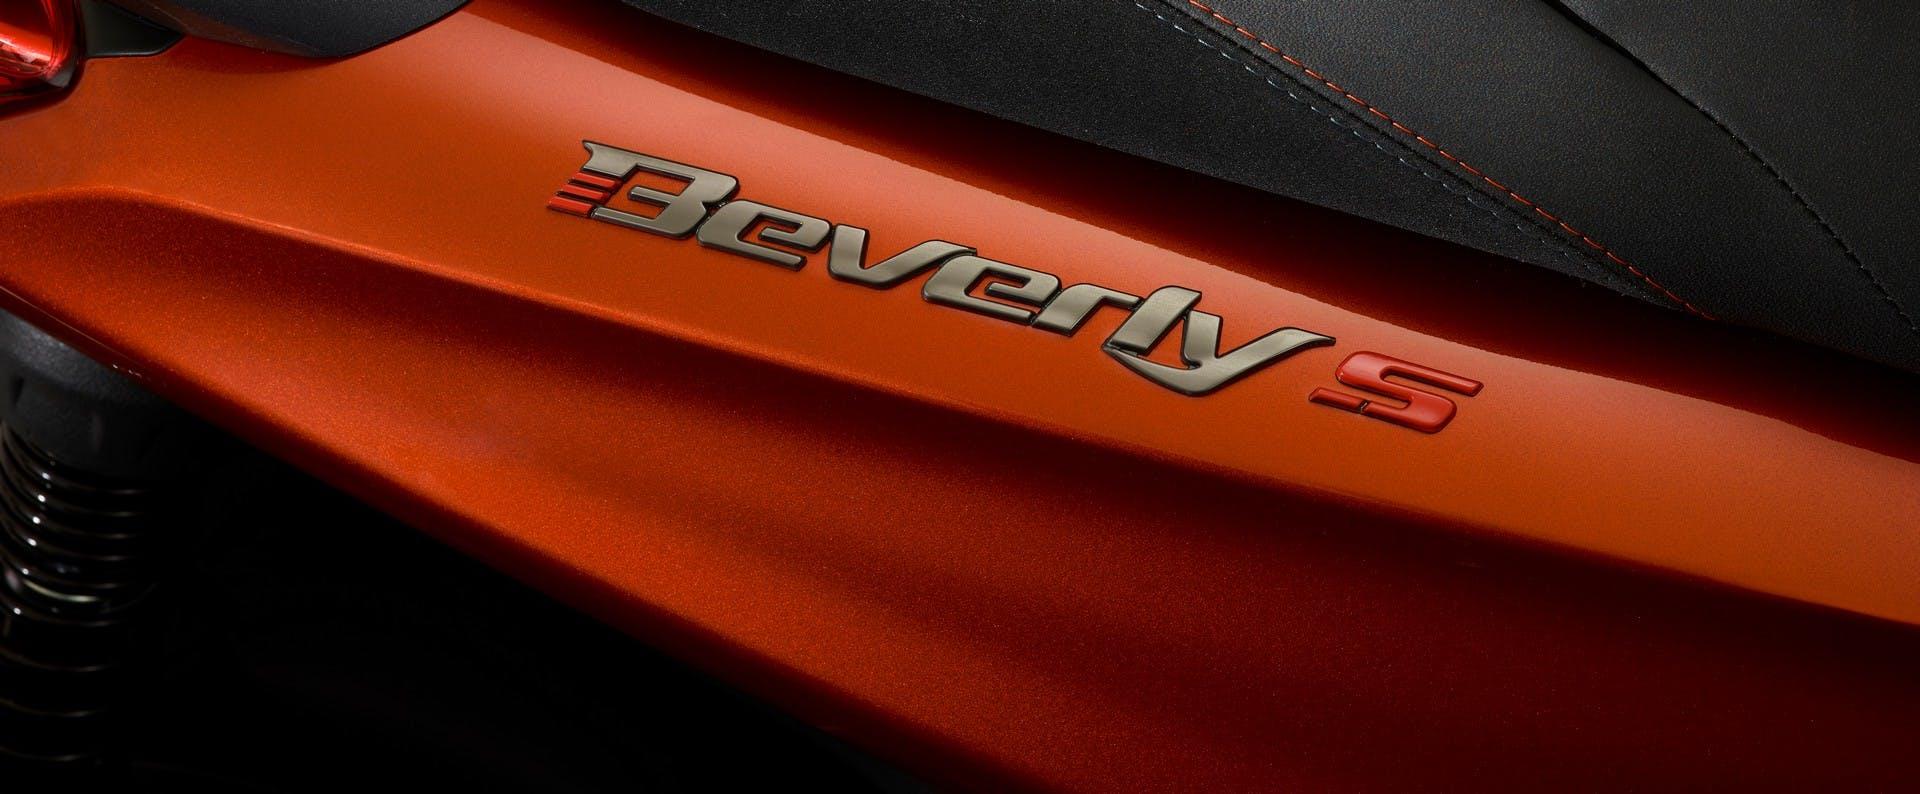 Piaggio Beverly S 400 hpe